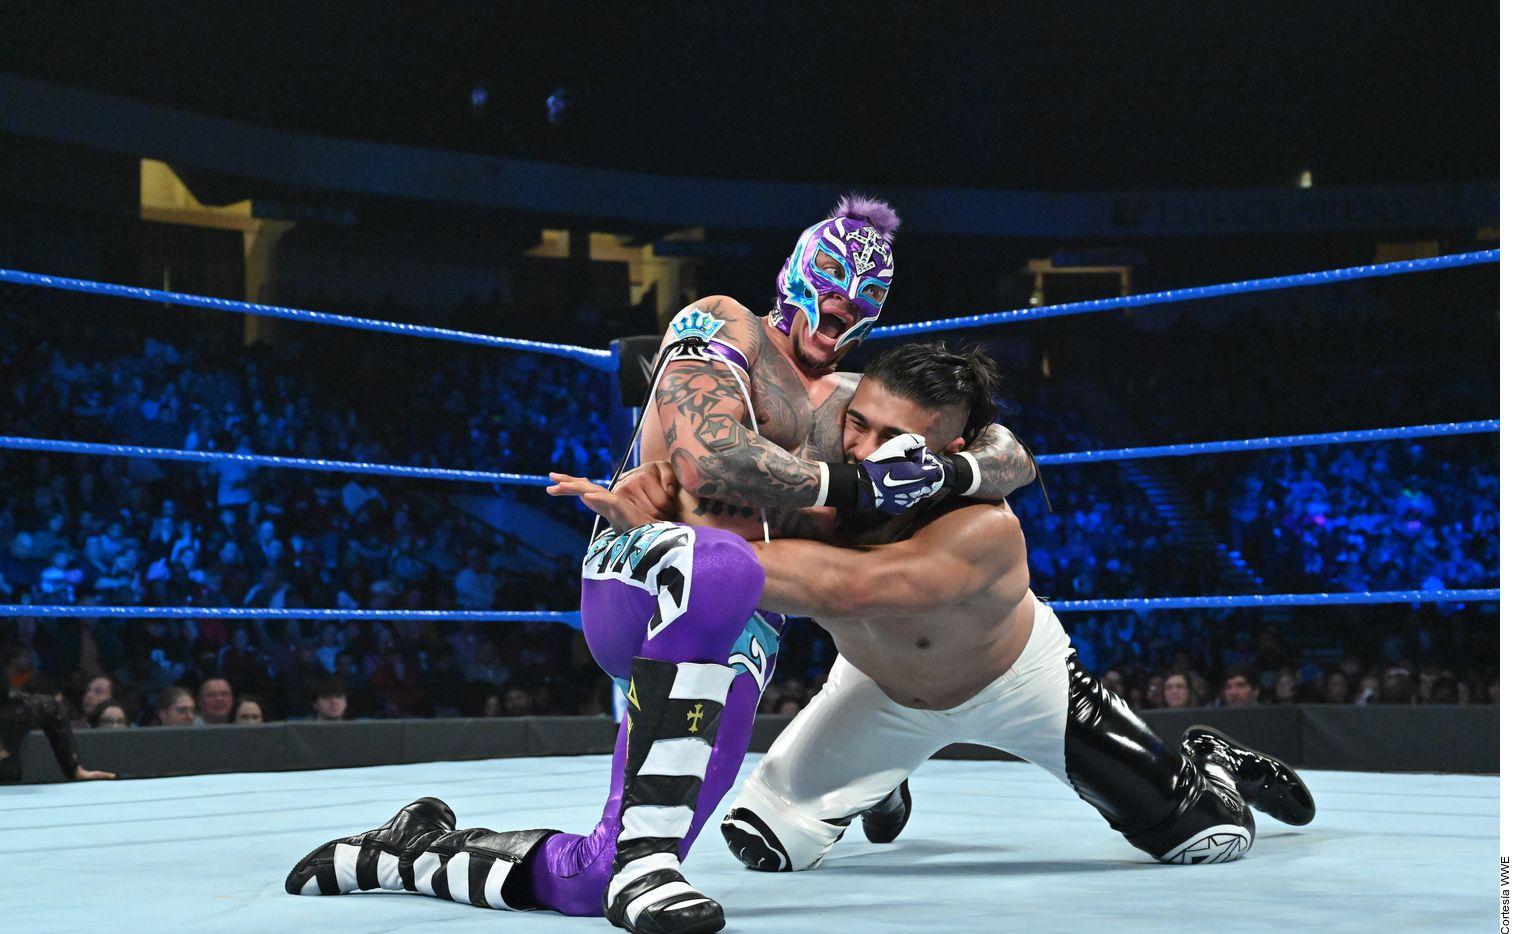 Rey Mysterio ha ostentado los títulos Intercontinental, Crucero, de Estados Unidos, de Parejas y de la WWE durante su carrera, además de ganar el Royal Rumble en 2006.